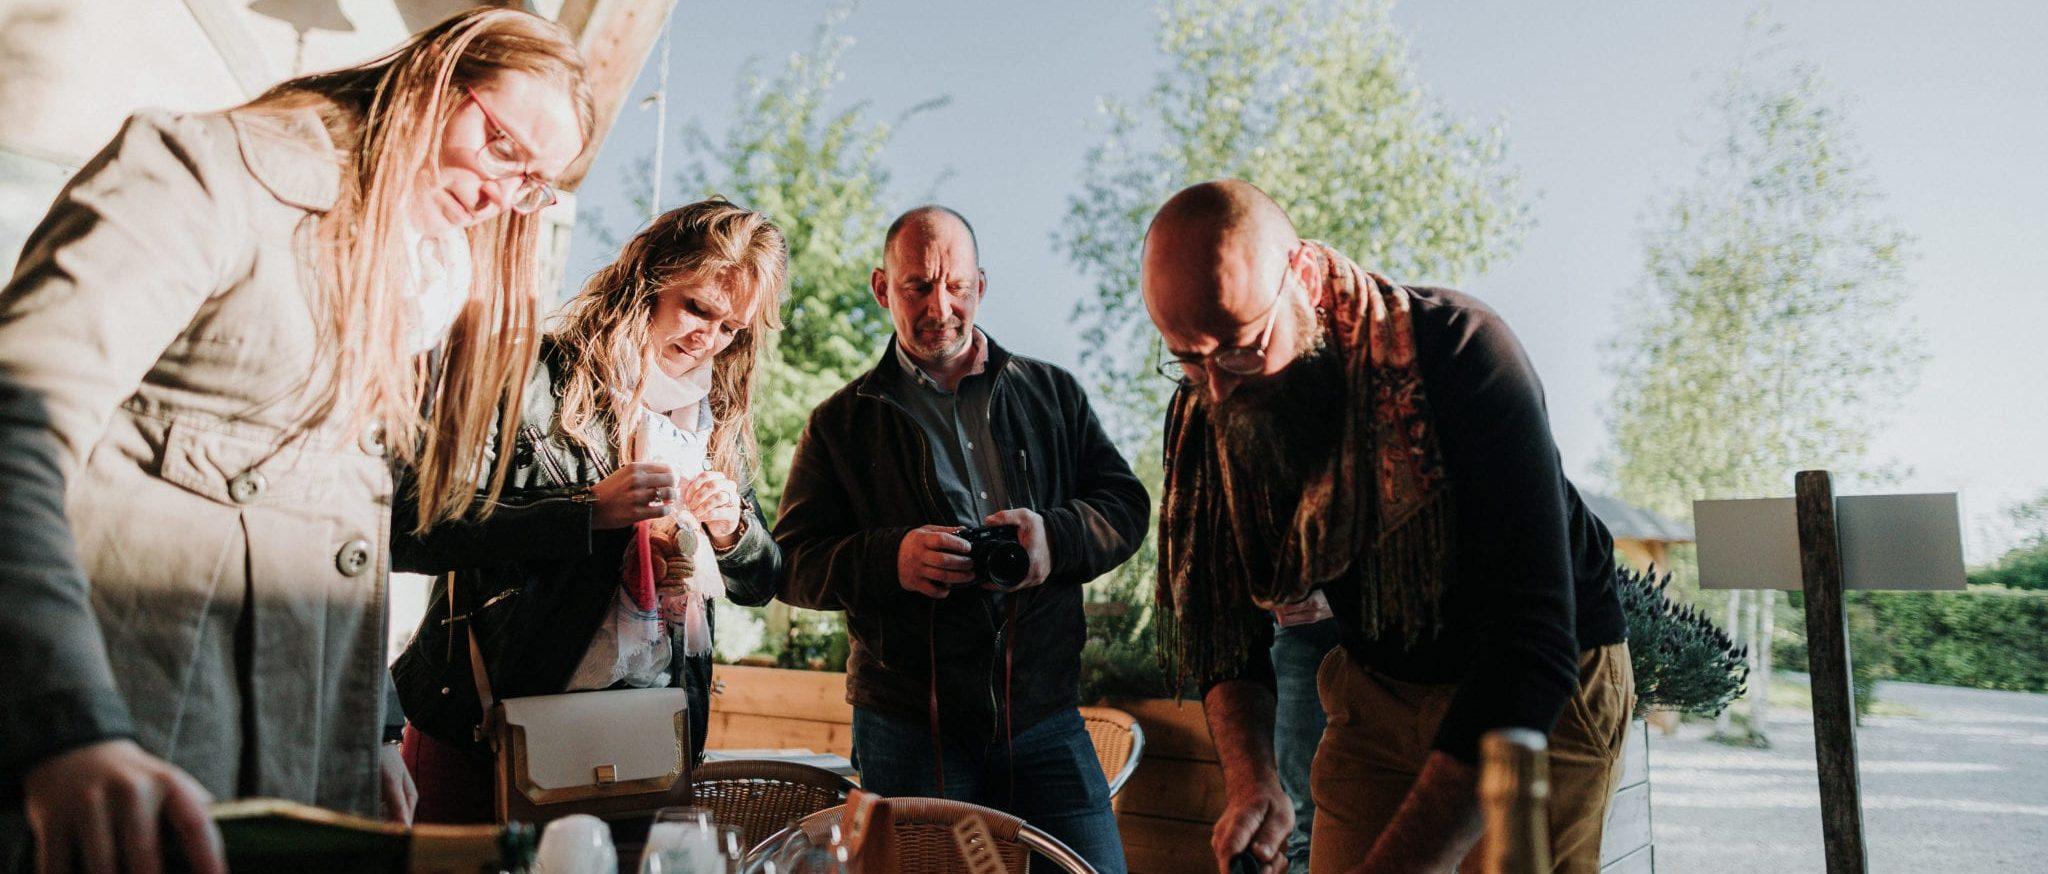 Croquez dans l_Aube - A la rencontre de nos producteurs locaux - Crédit Frédéric Lopez